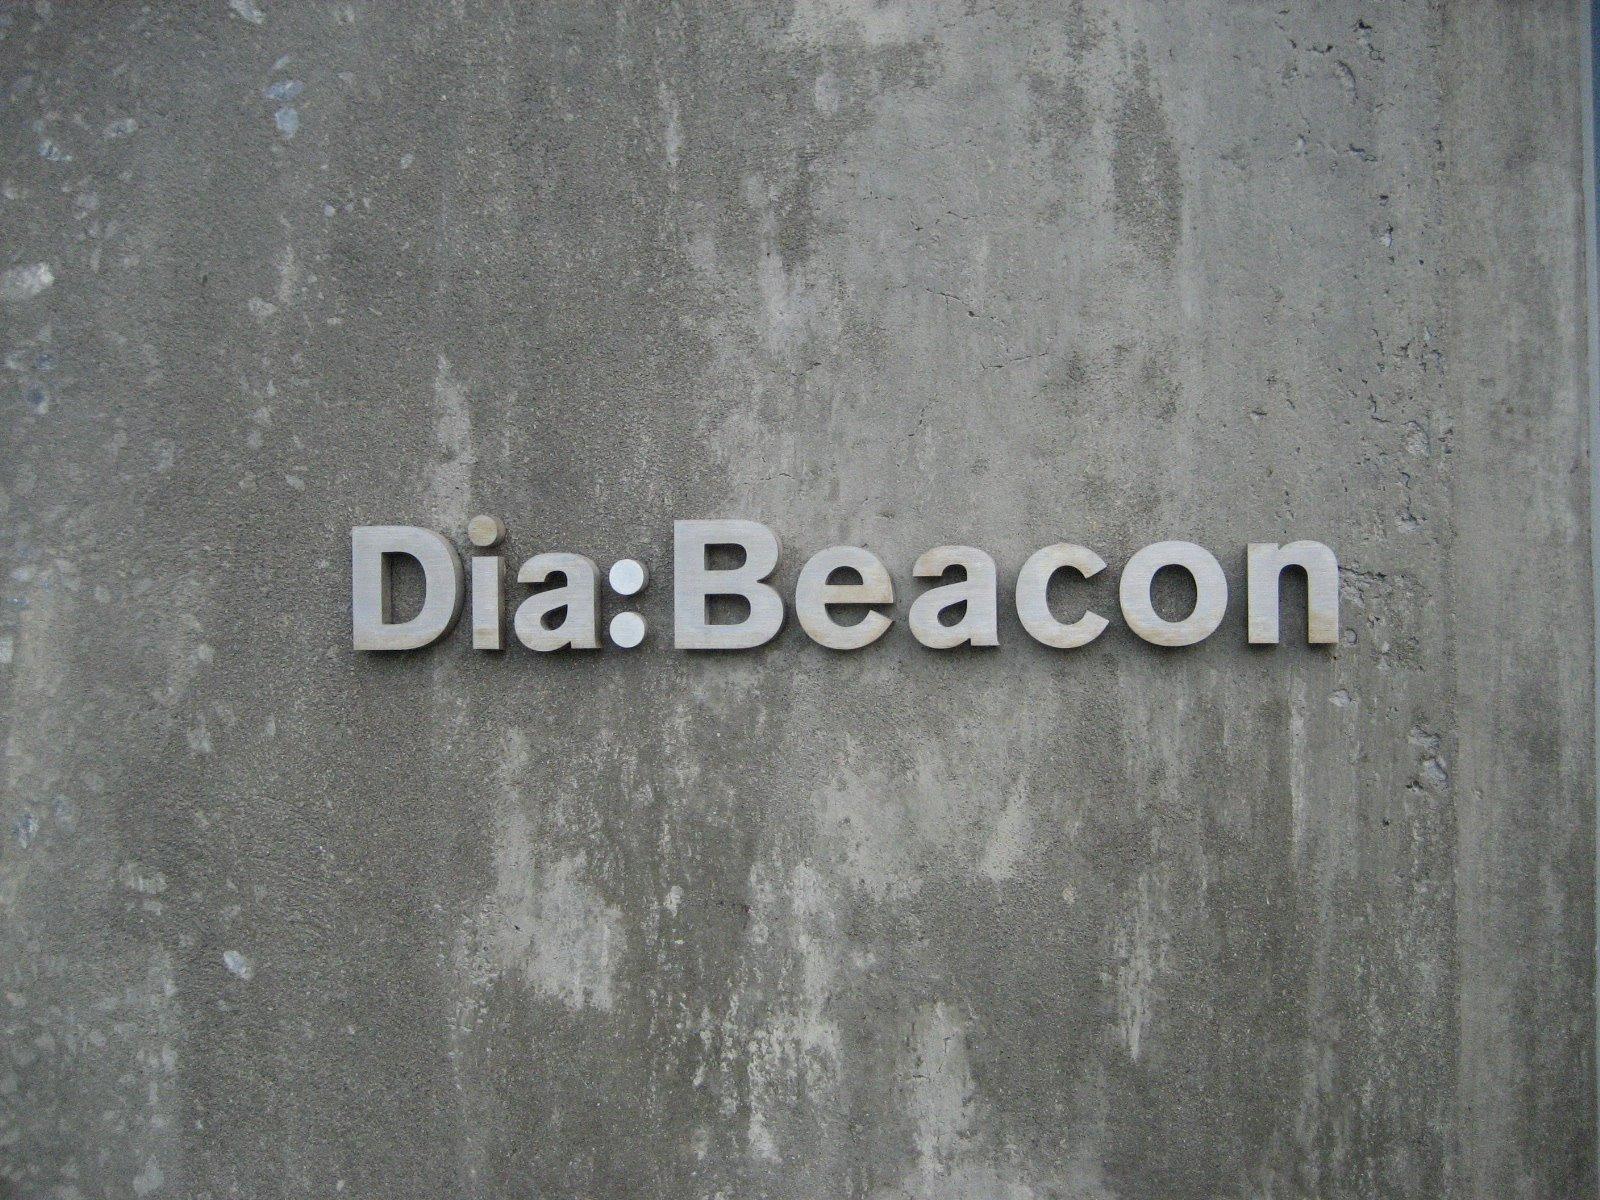 diabeacon